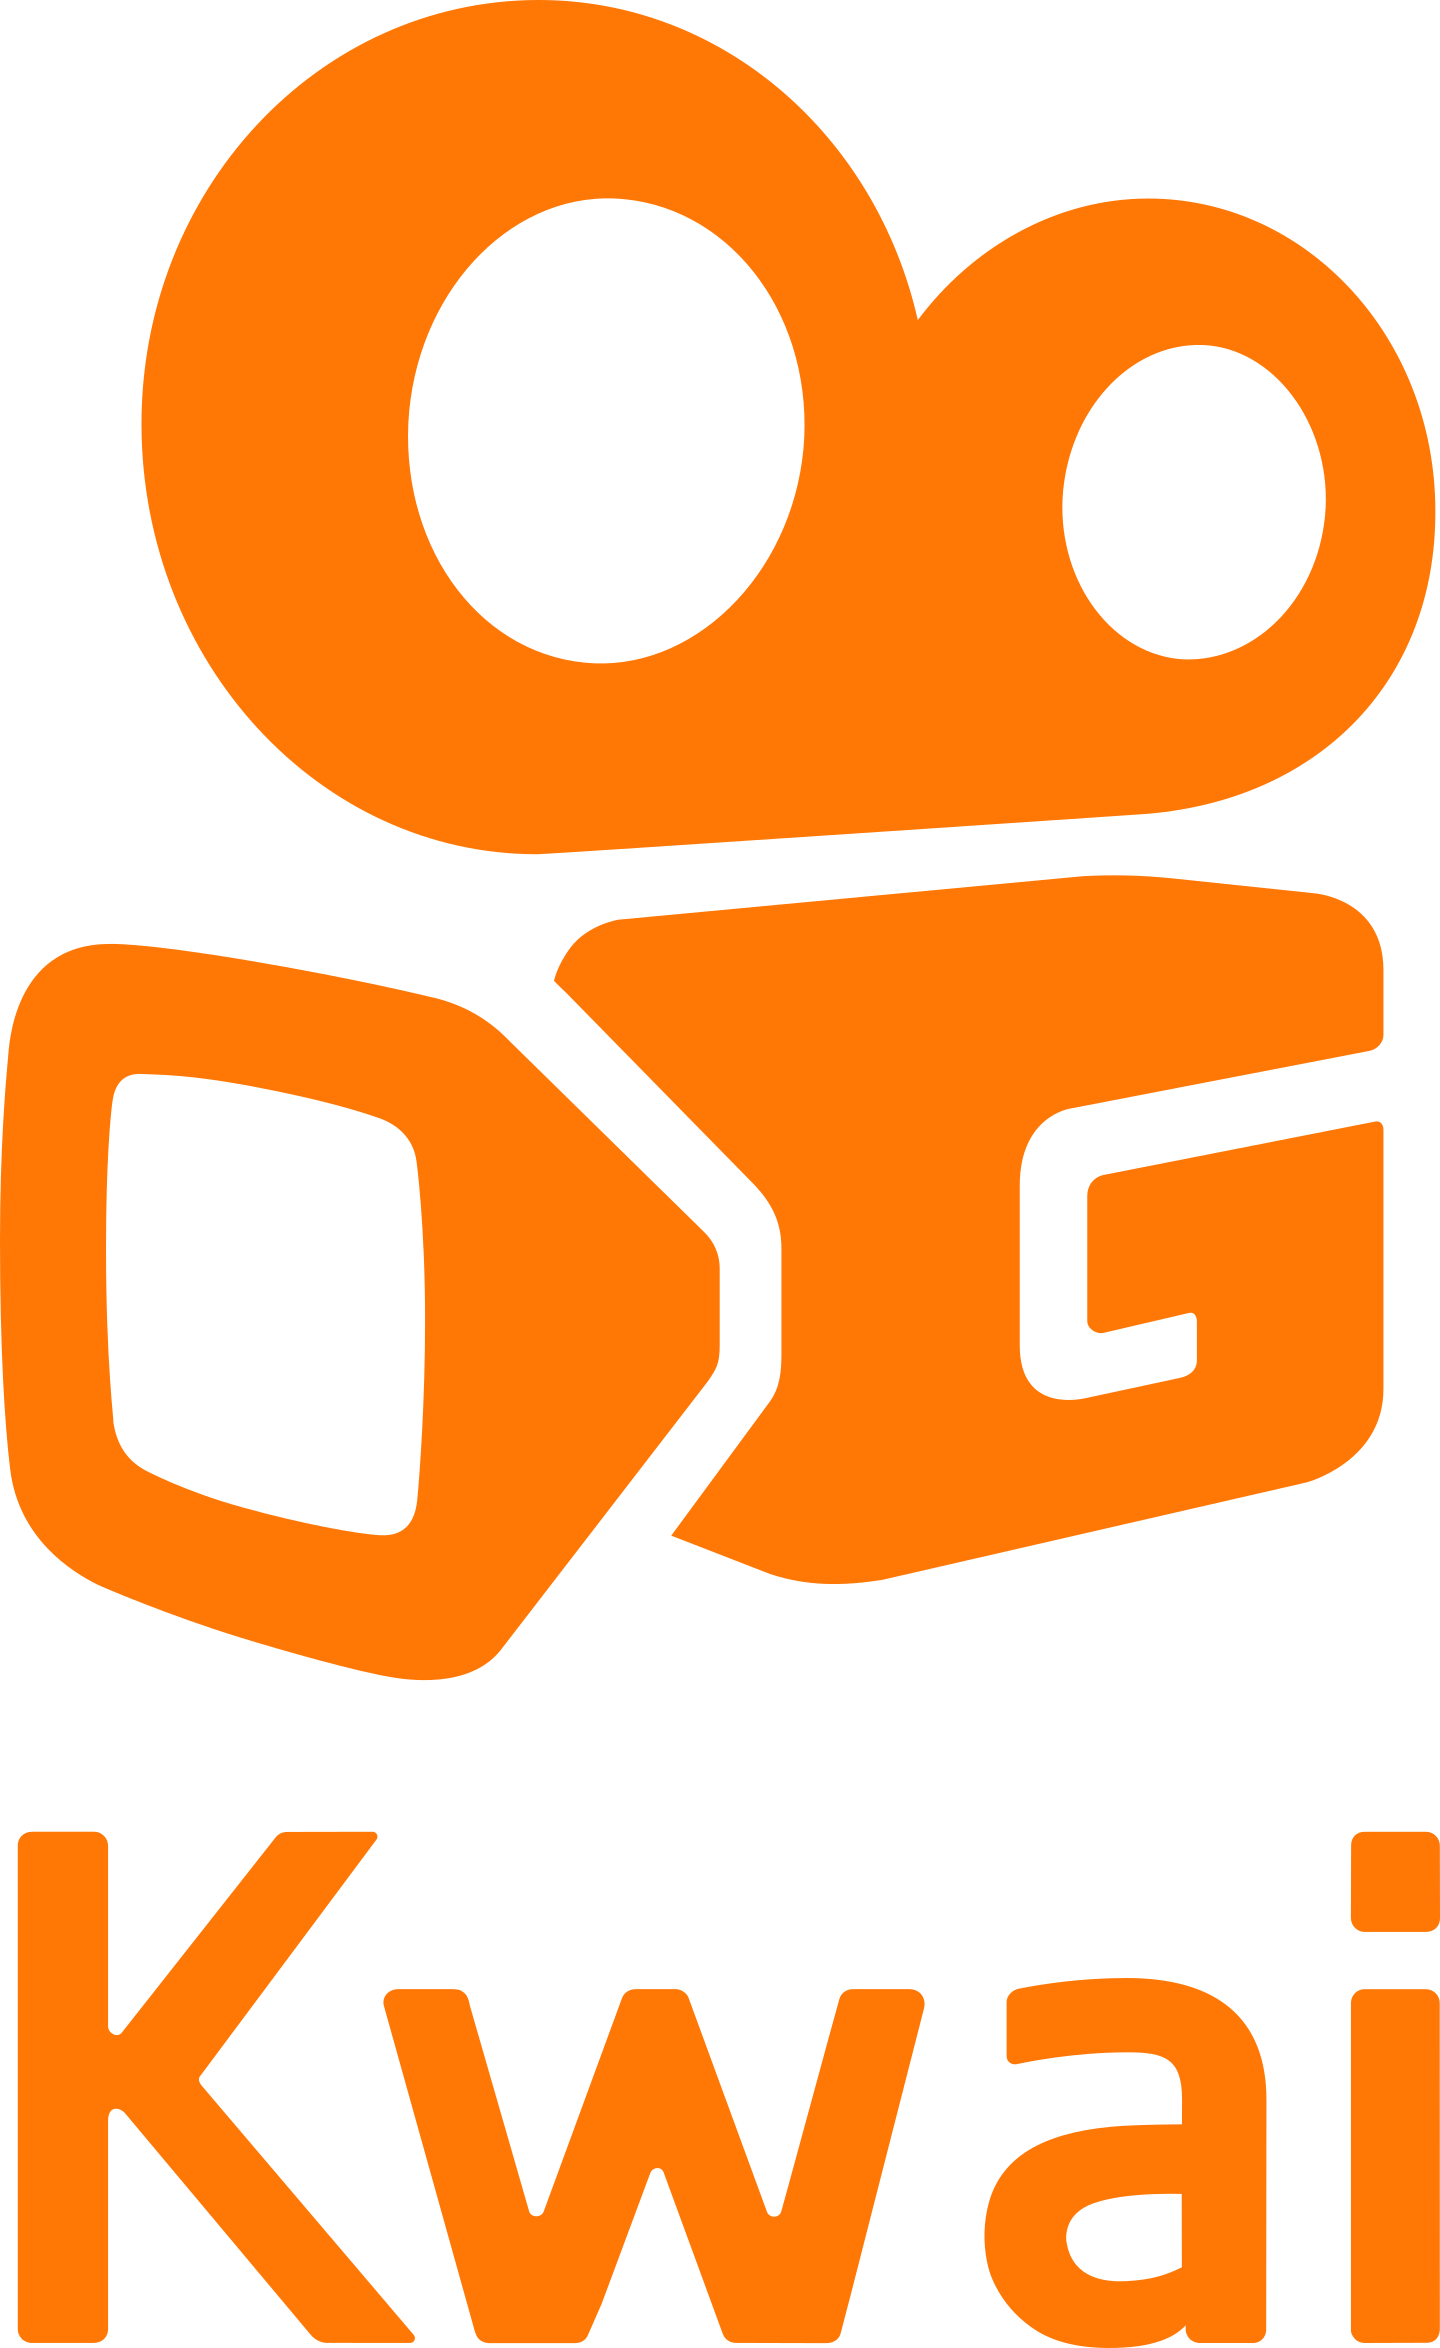 kwai logo 6 - Kwai Logo